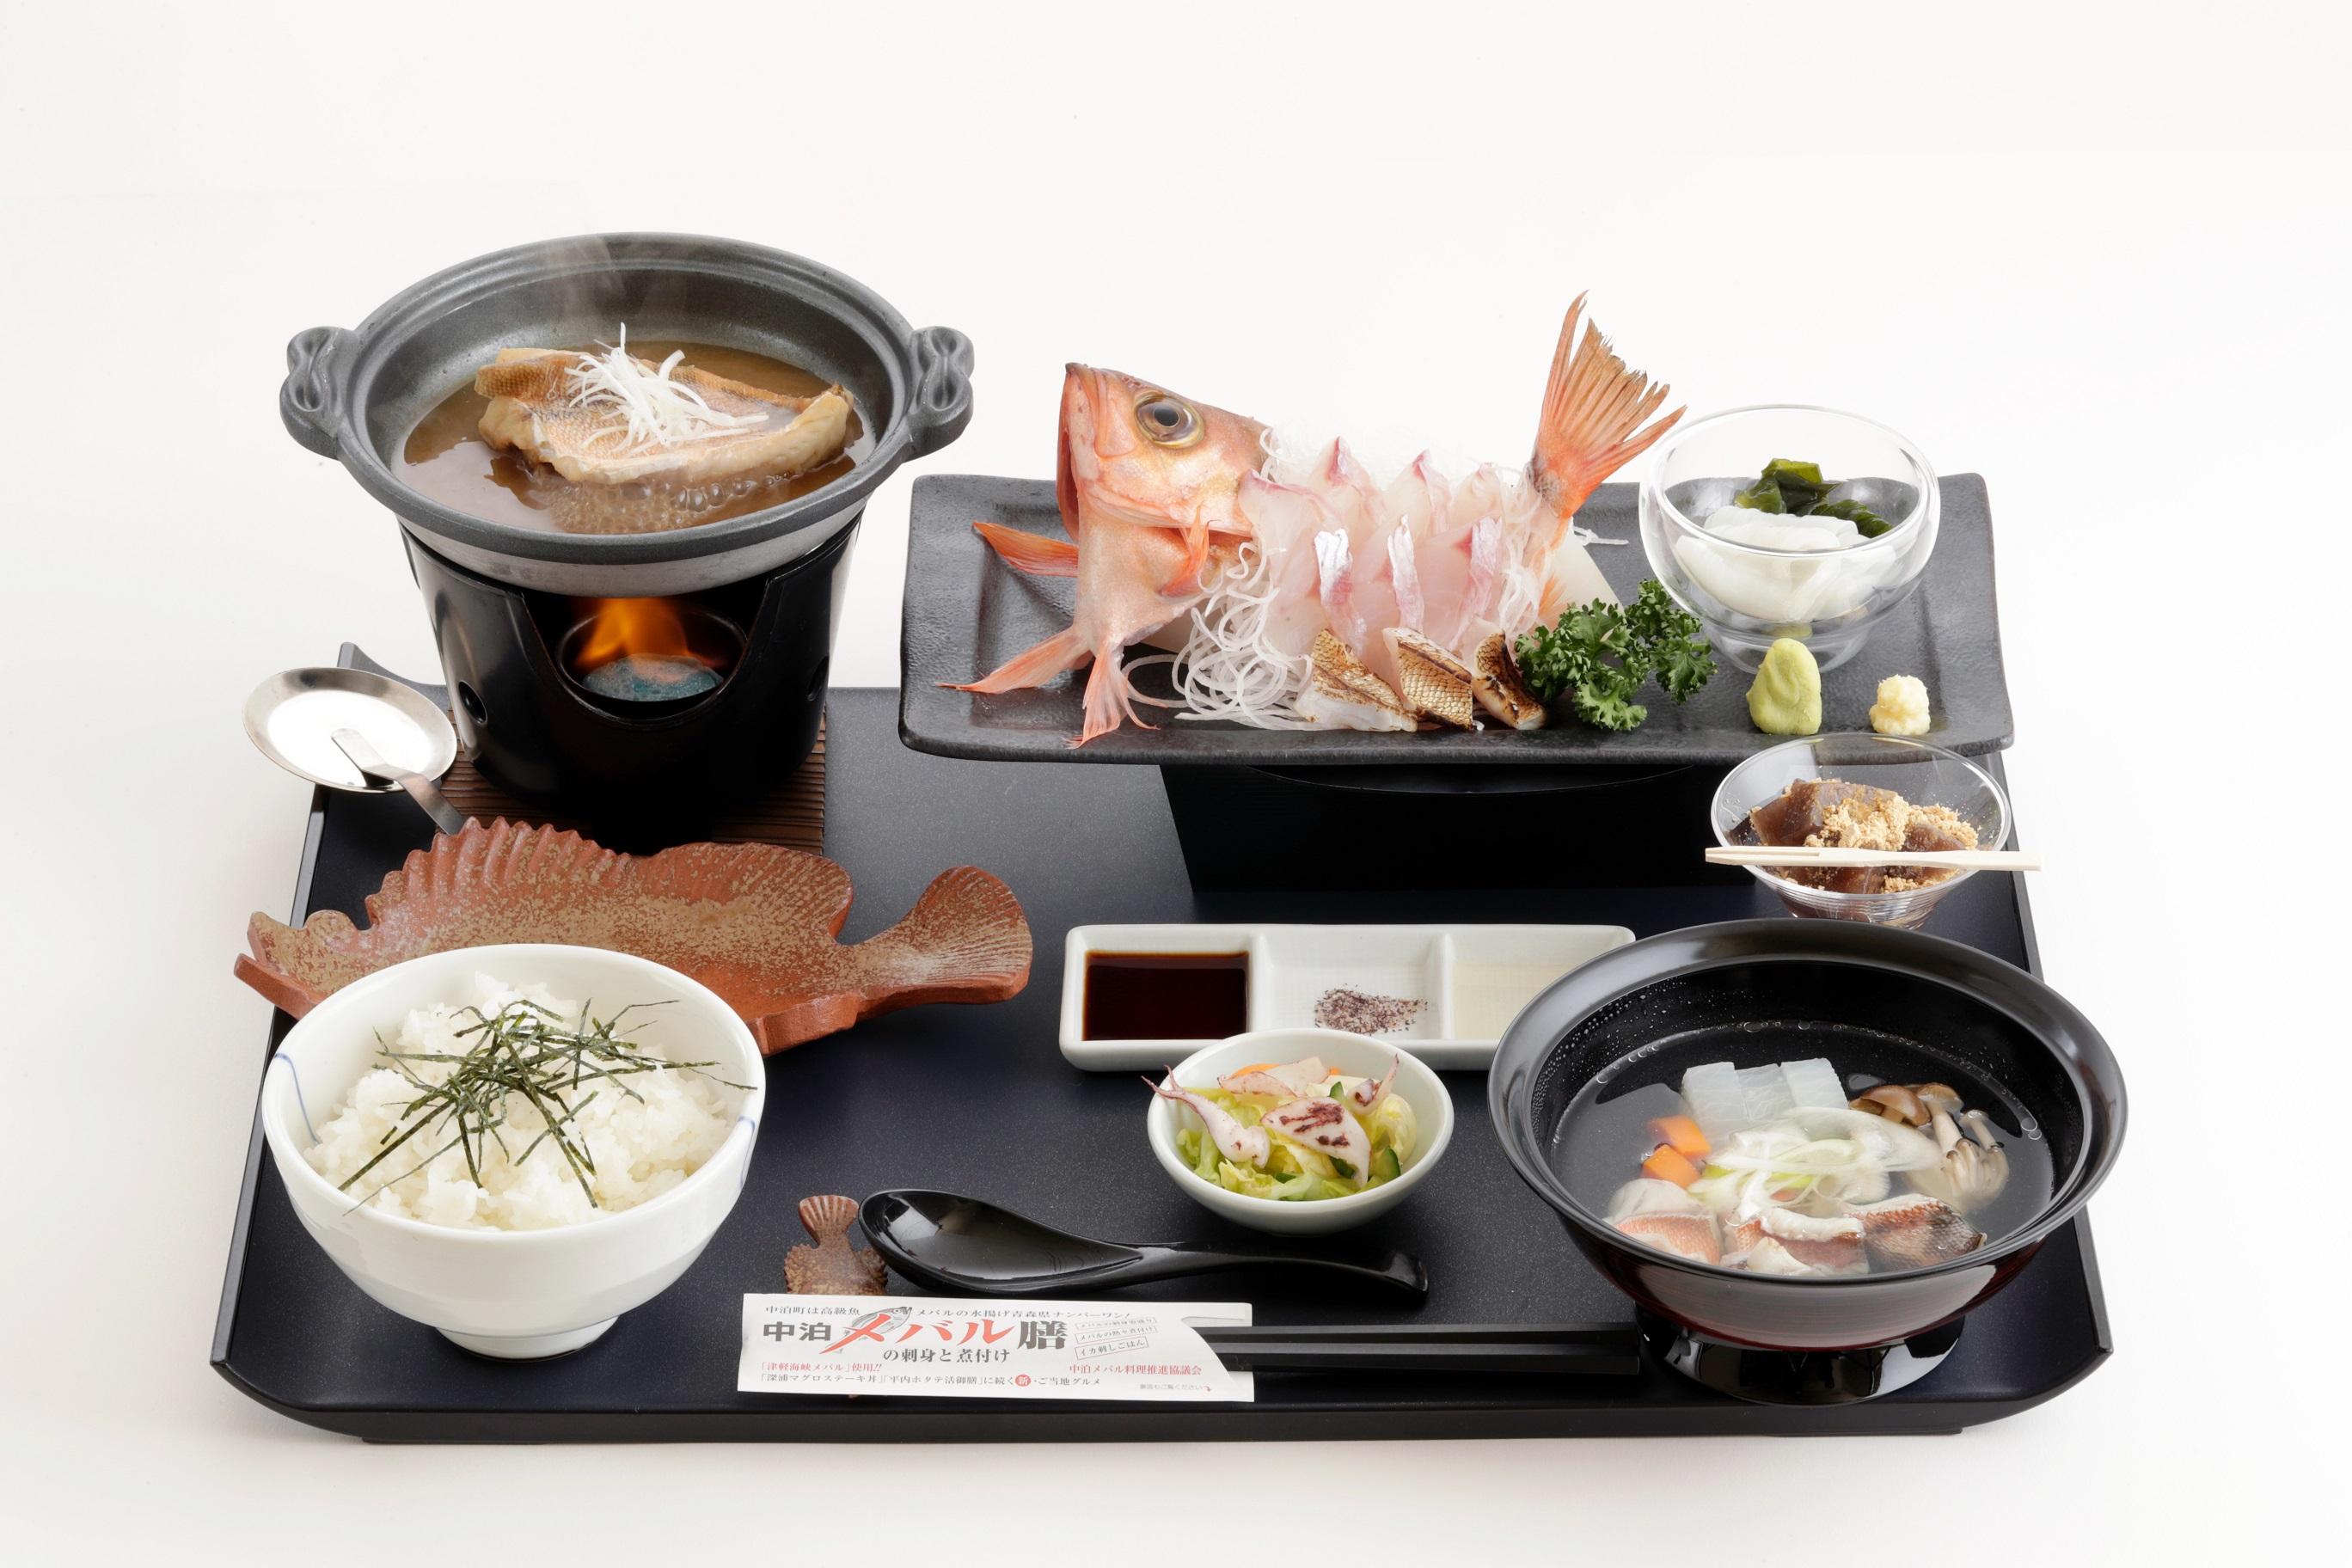 あおもりご当地食めぐり 奥津軽食のエリア 中泊メバルの刺身と煮付け膳